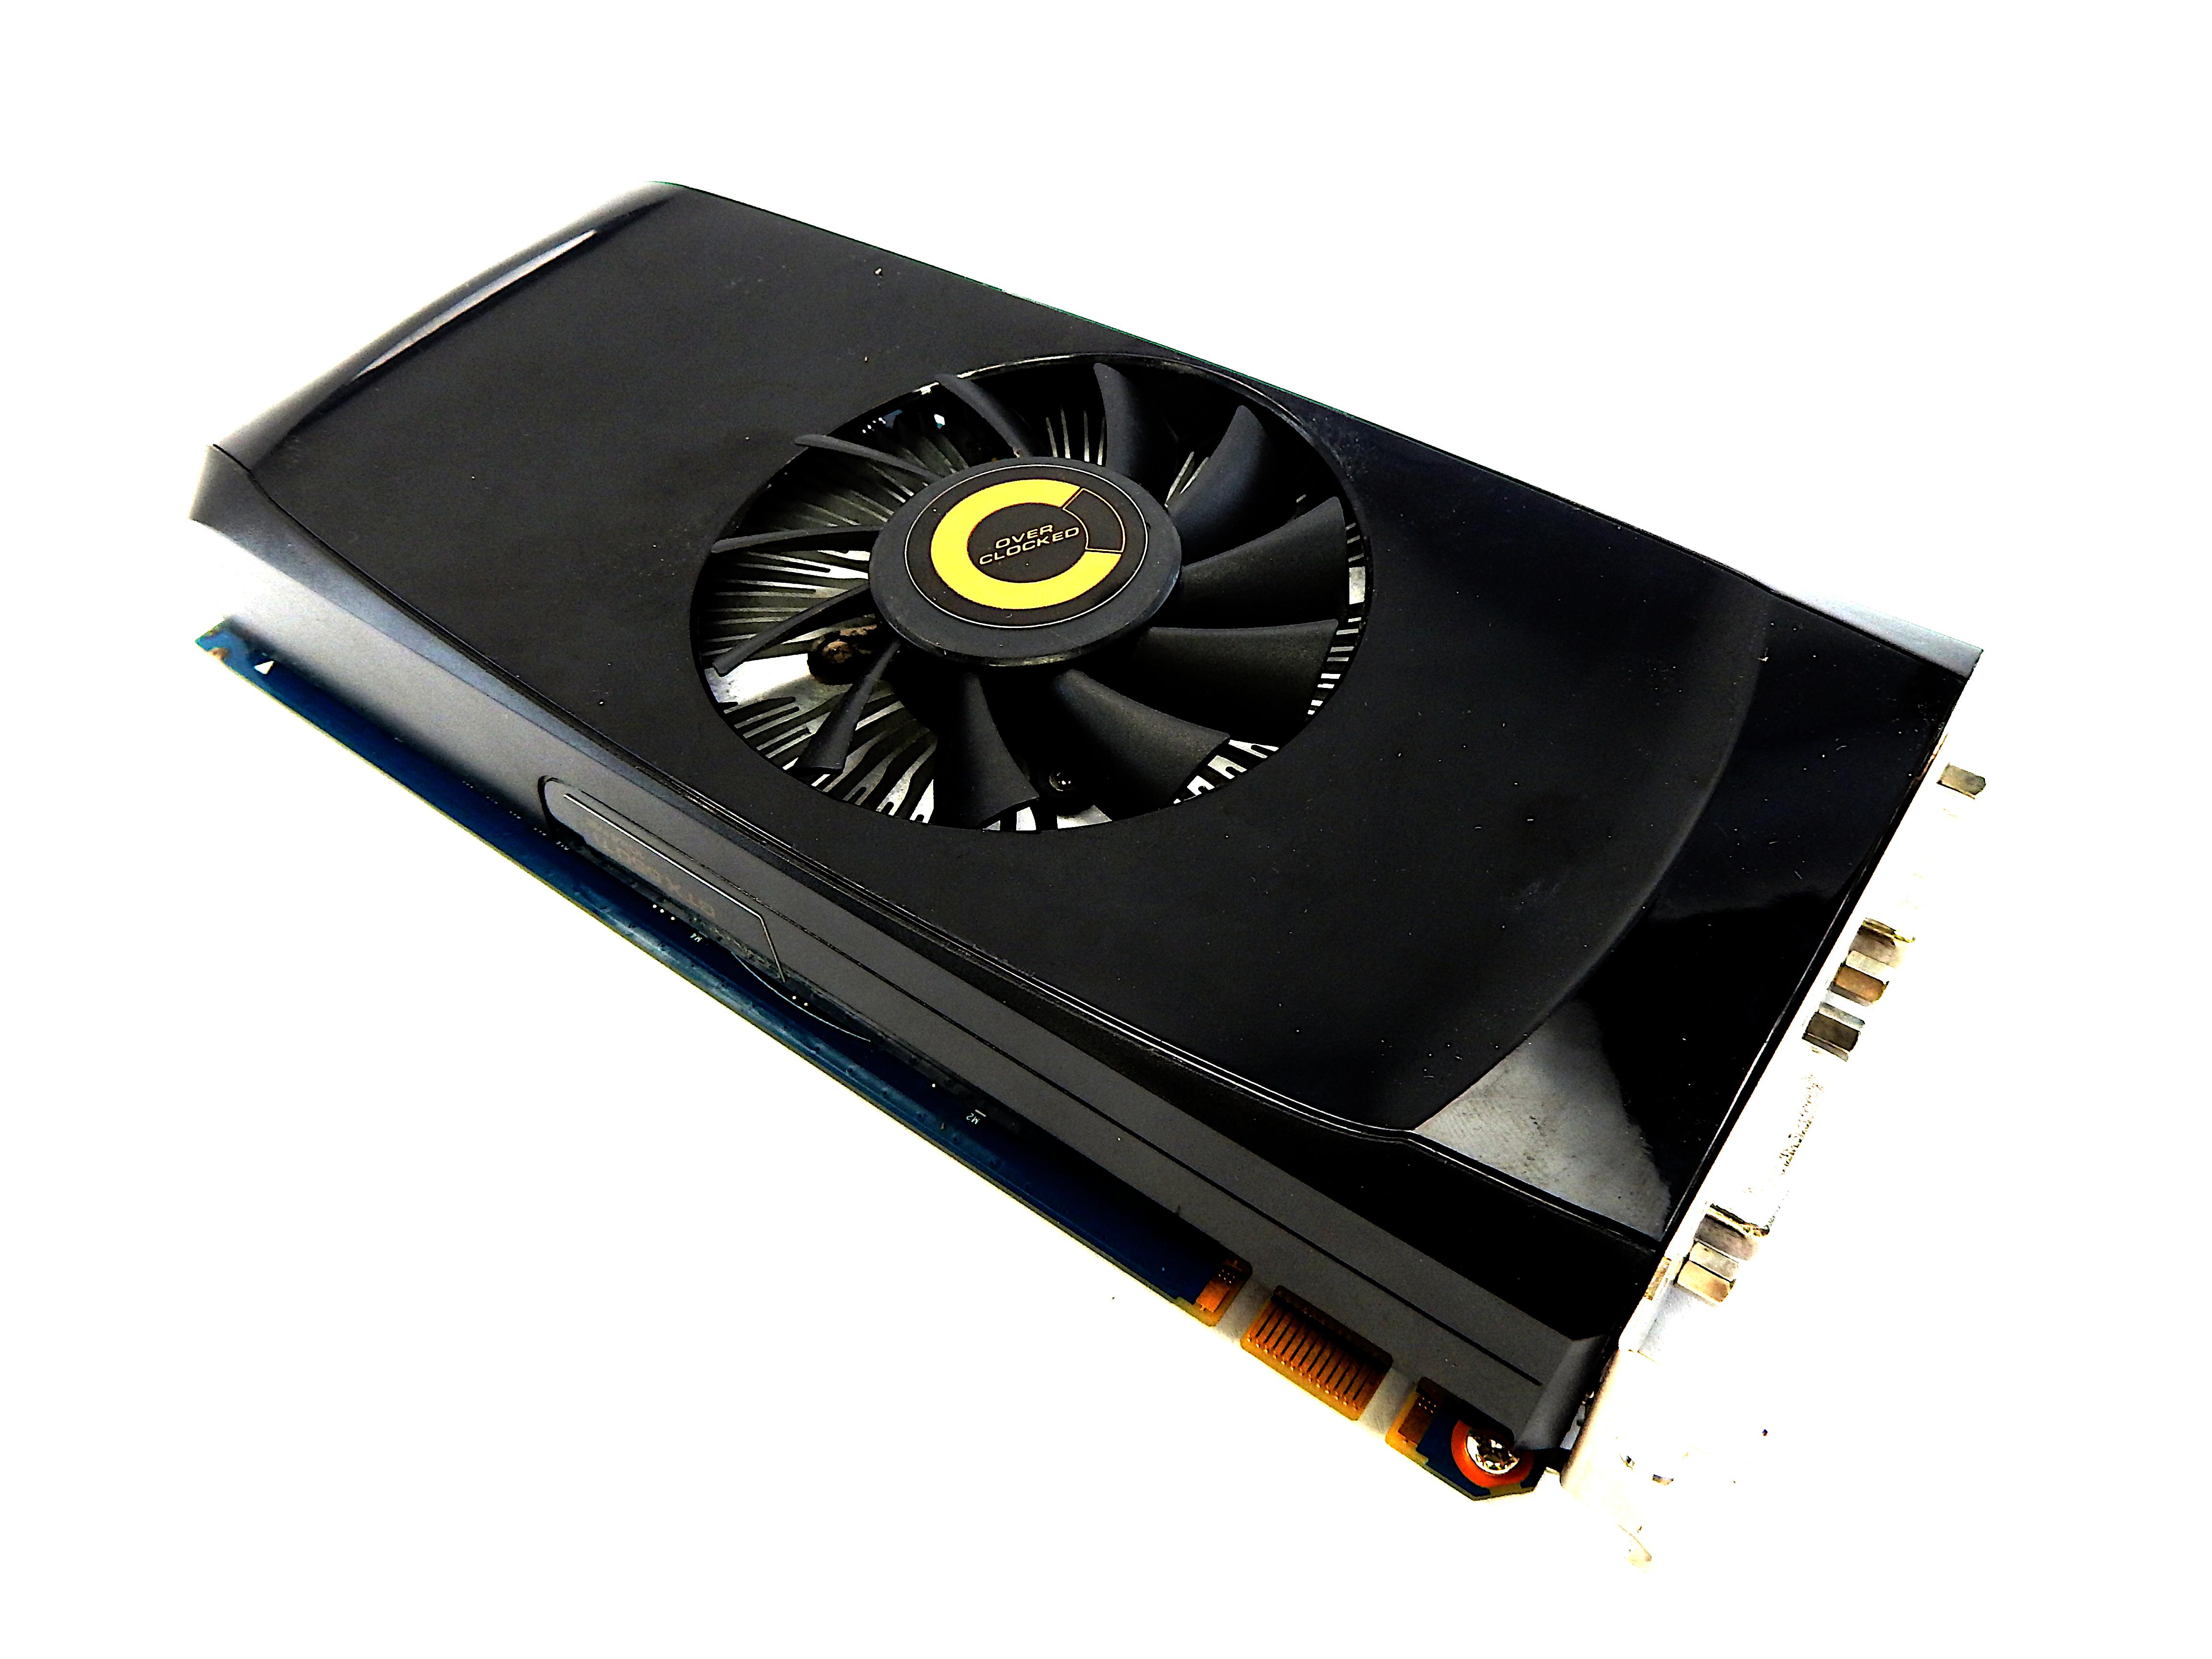 PNY XLR8 Geforce GTX550Ti 1024MB GDDR5 PCI-Express 2.0 Graphics Card